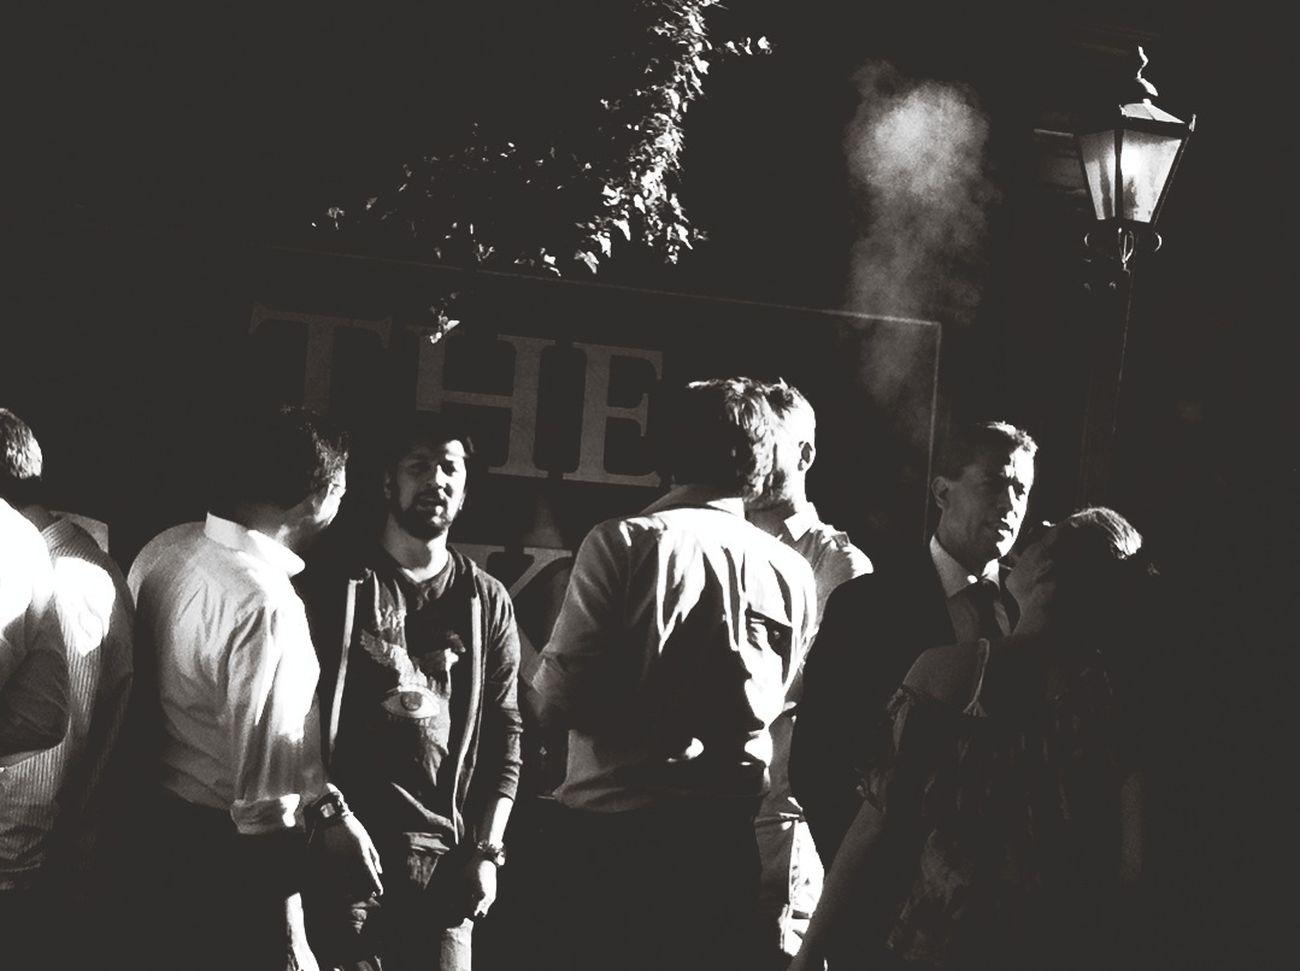 lifestyles, men, illuminated, large group of people, night